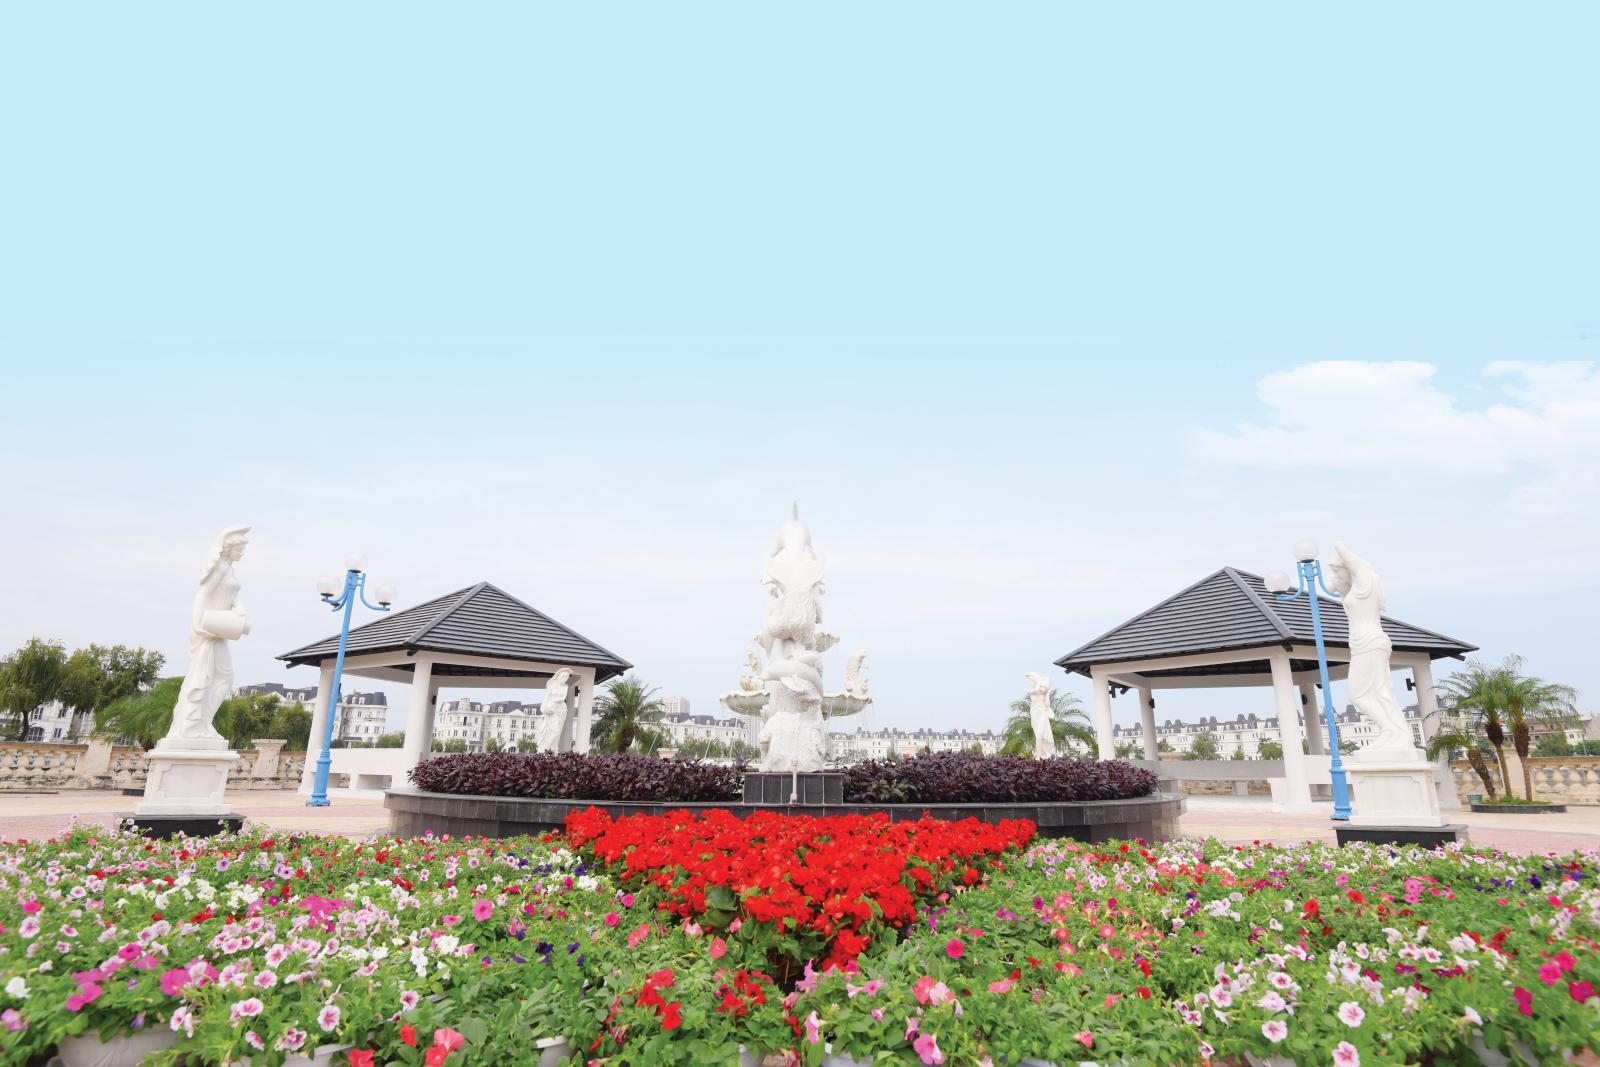 Khu quảng trường với tượng và bồn hoa